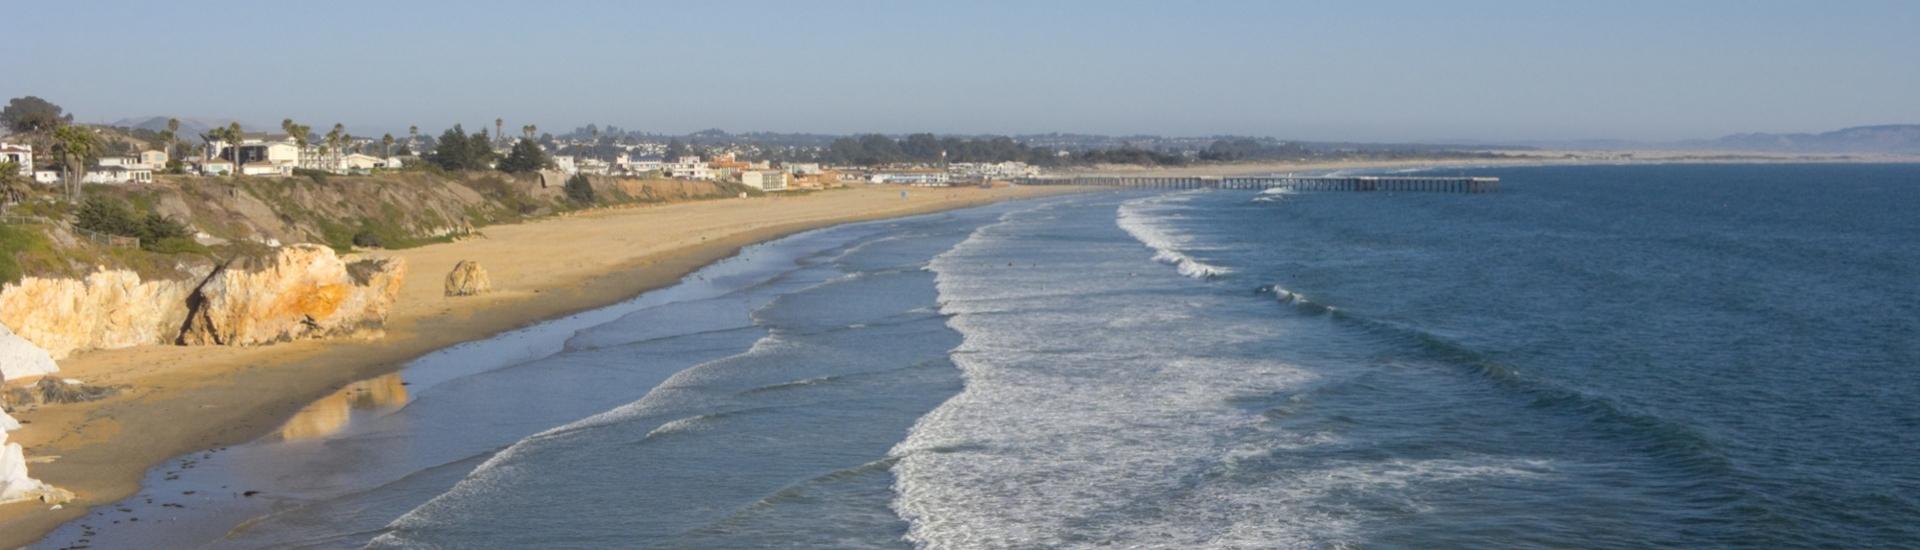 City-of-Pismo-Beach,-CA-176898927_2000x1500